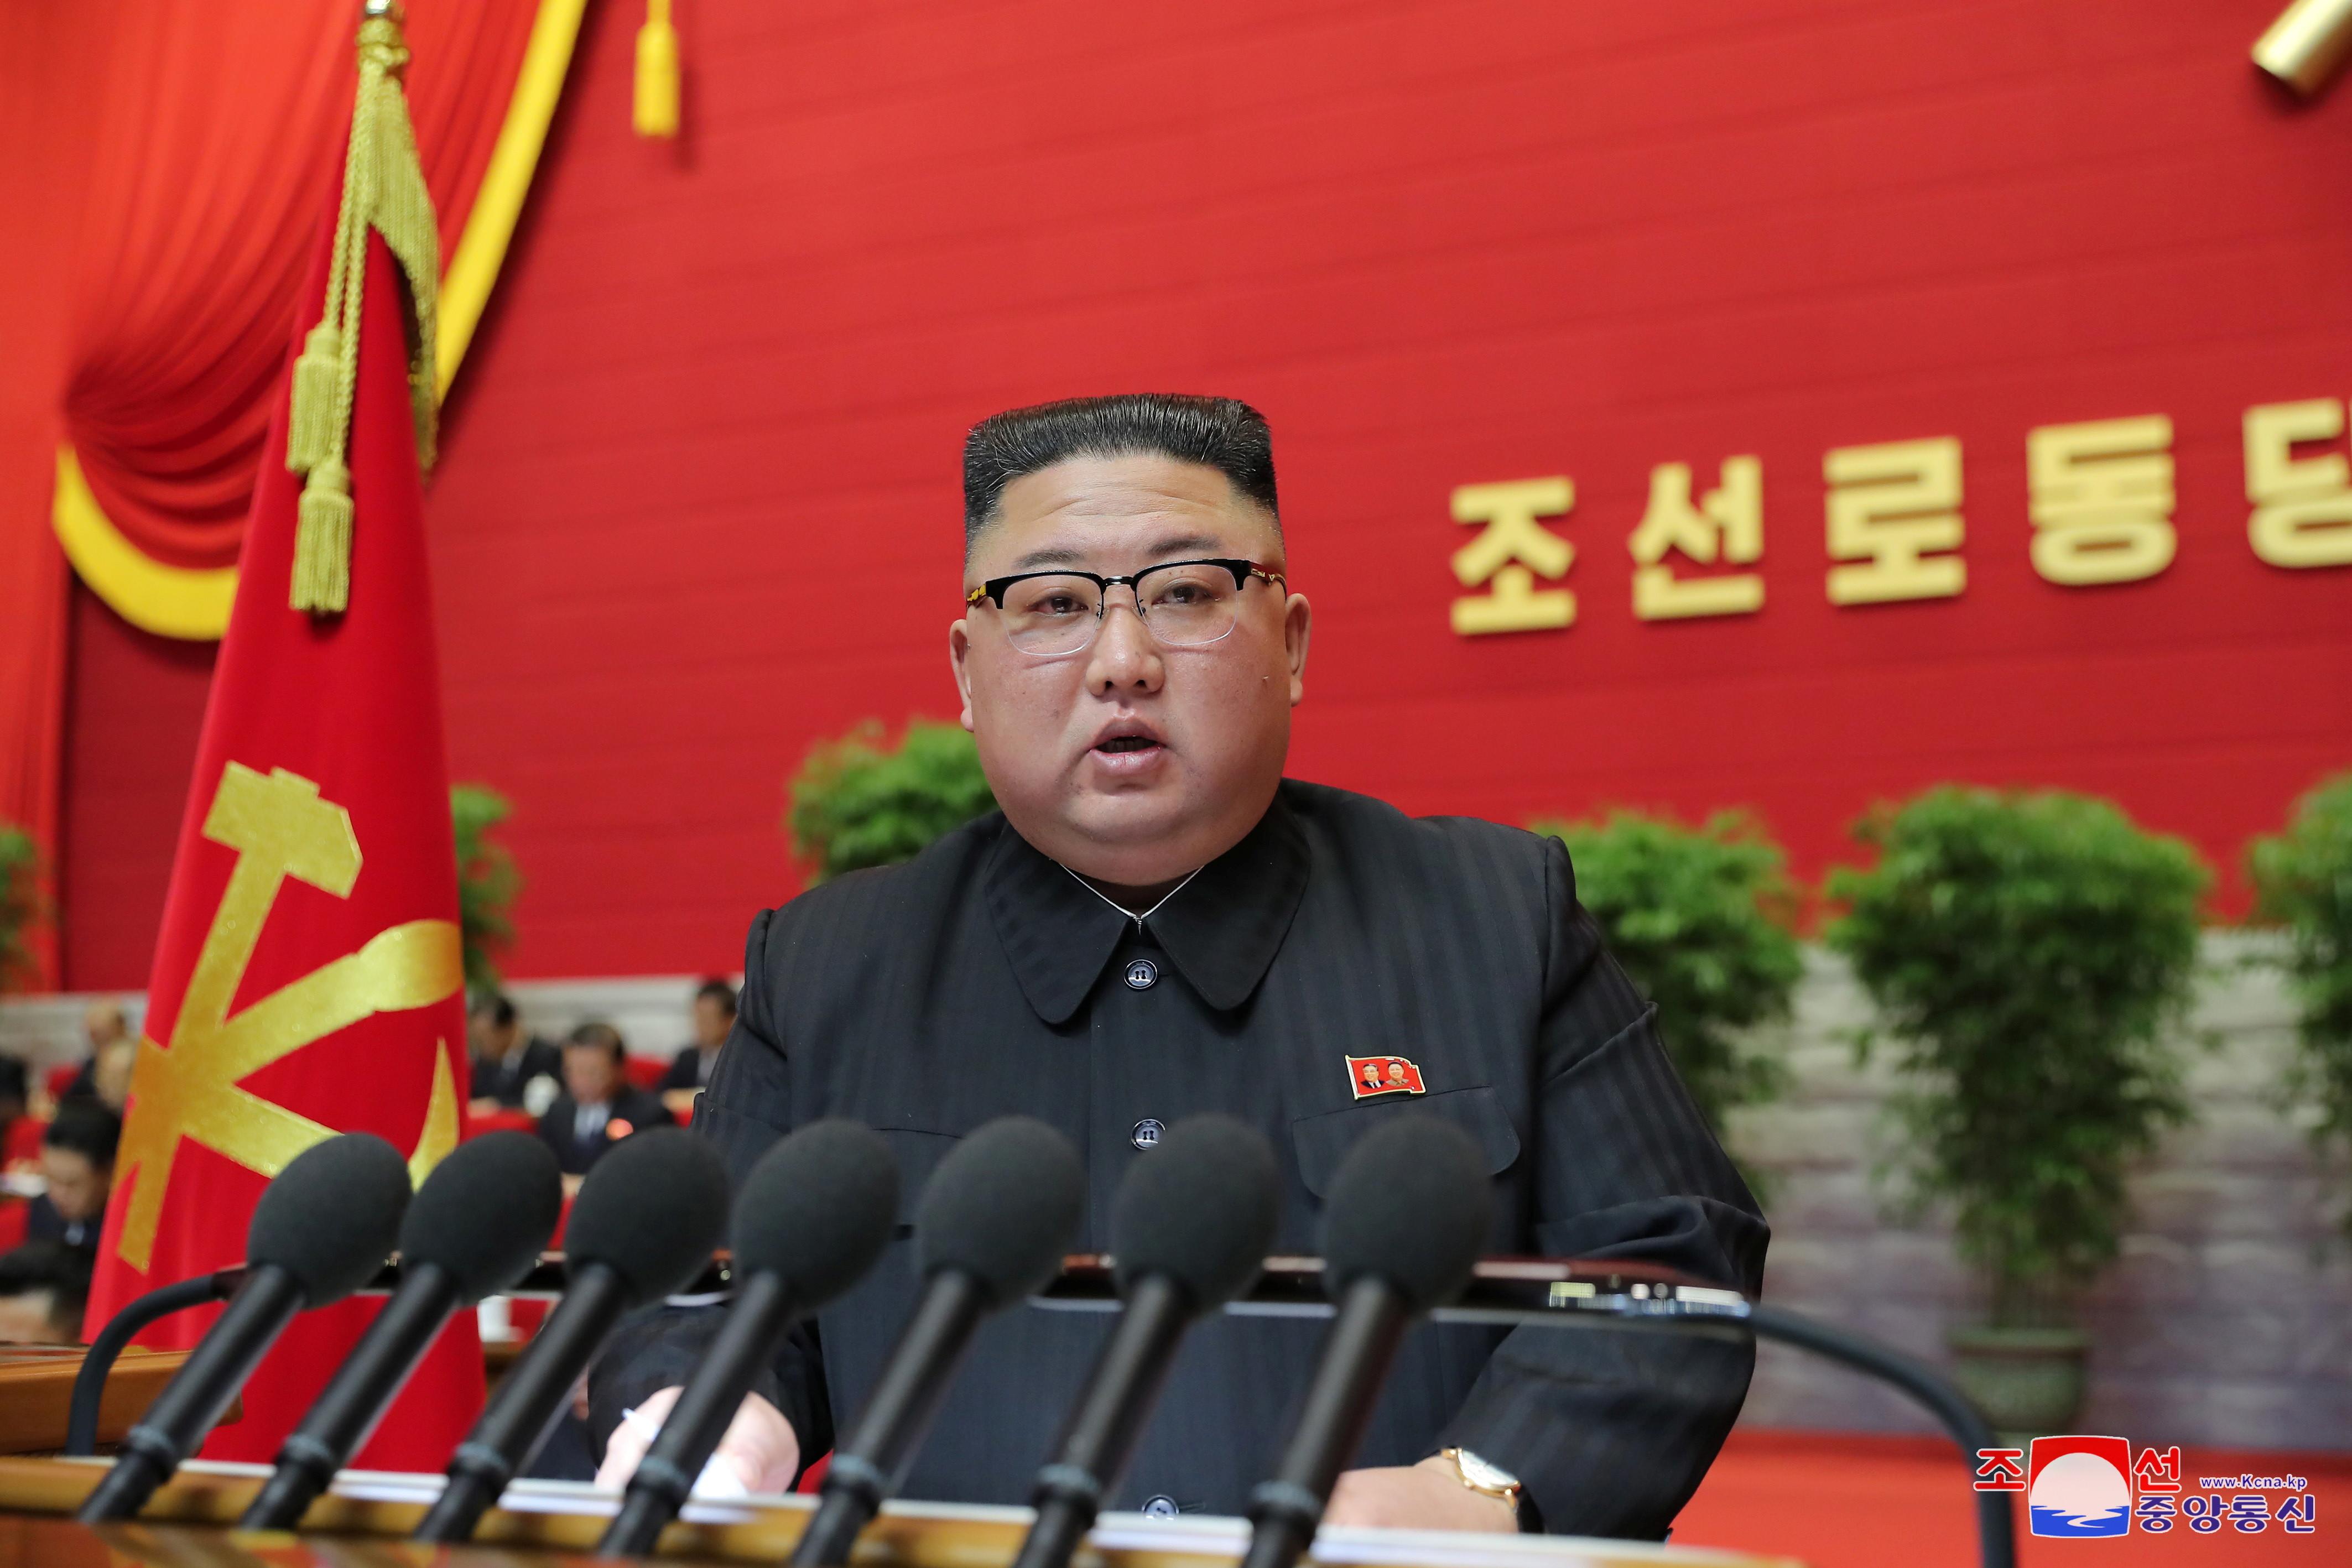 ▲▼金正恩重申強化國防,南韓媒體質疑其提不出新策略。(圖/路透社)